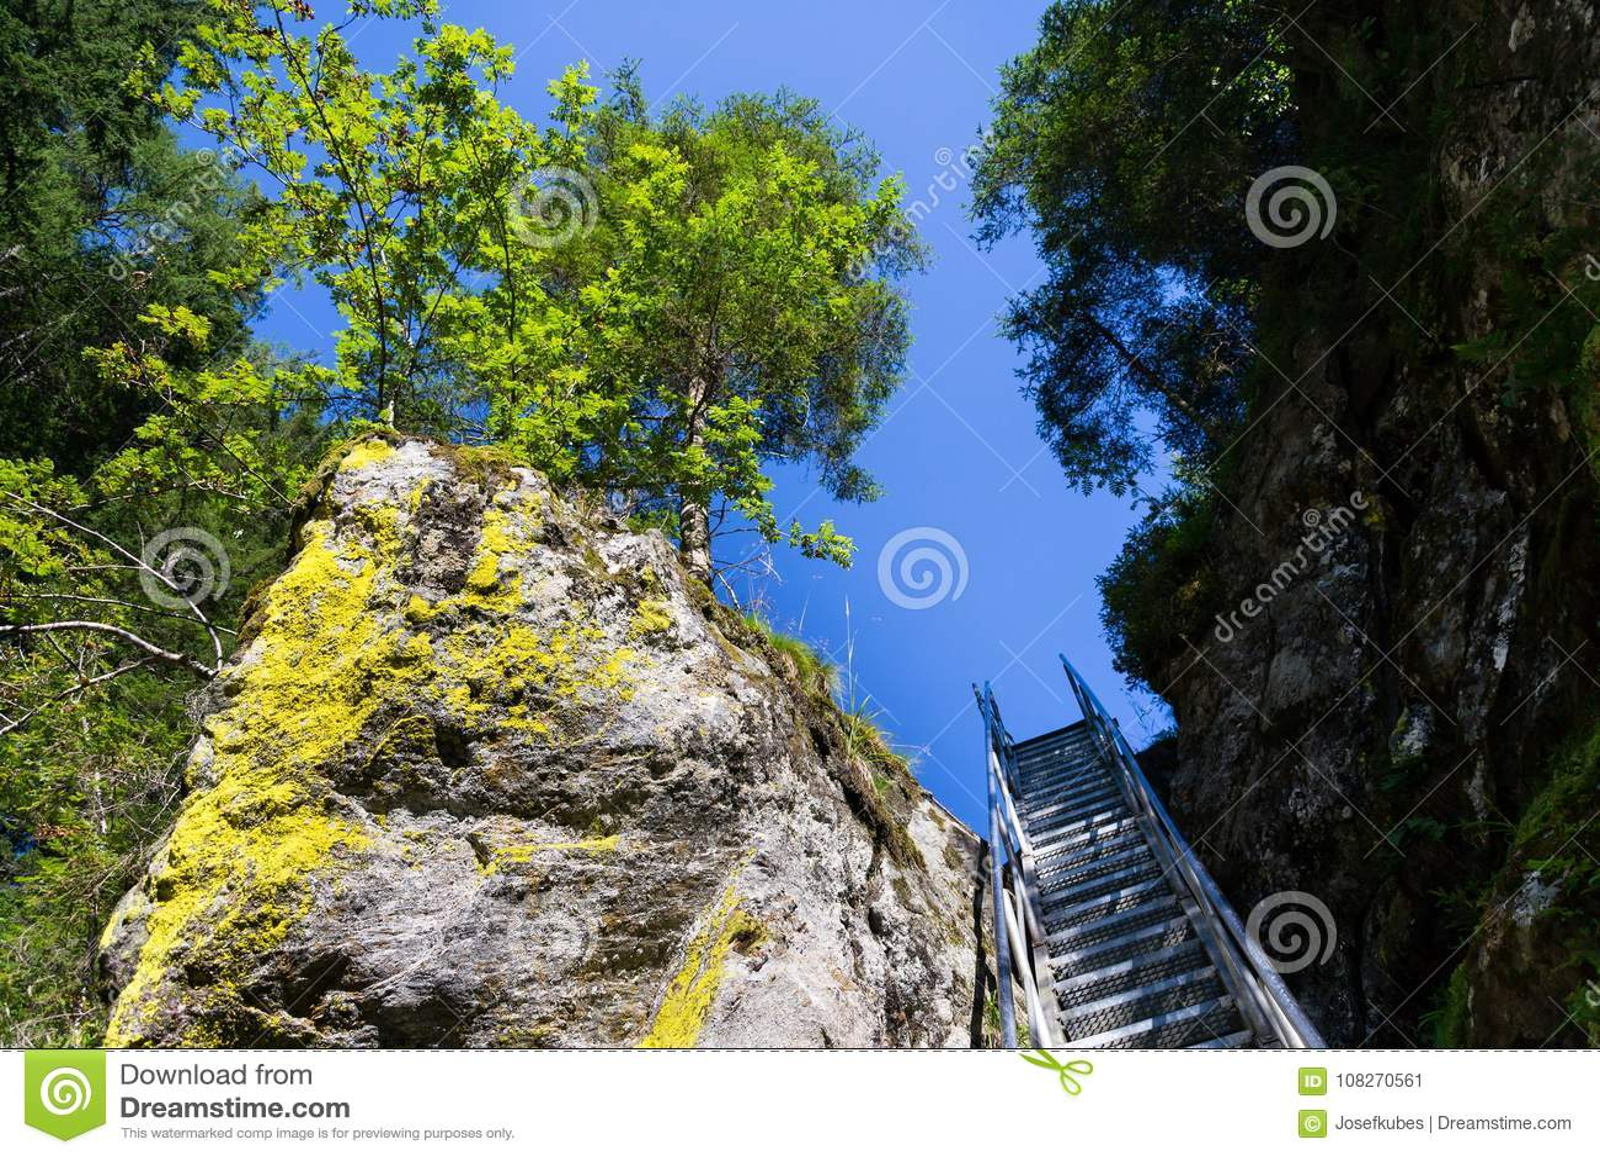 Las escaleras de la escalera en rastro alpino con infierno gorge, Schladming, Austria